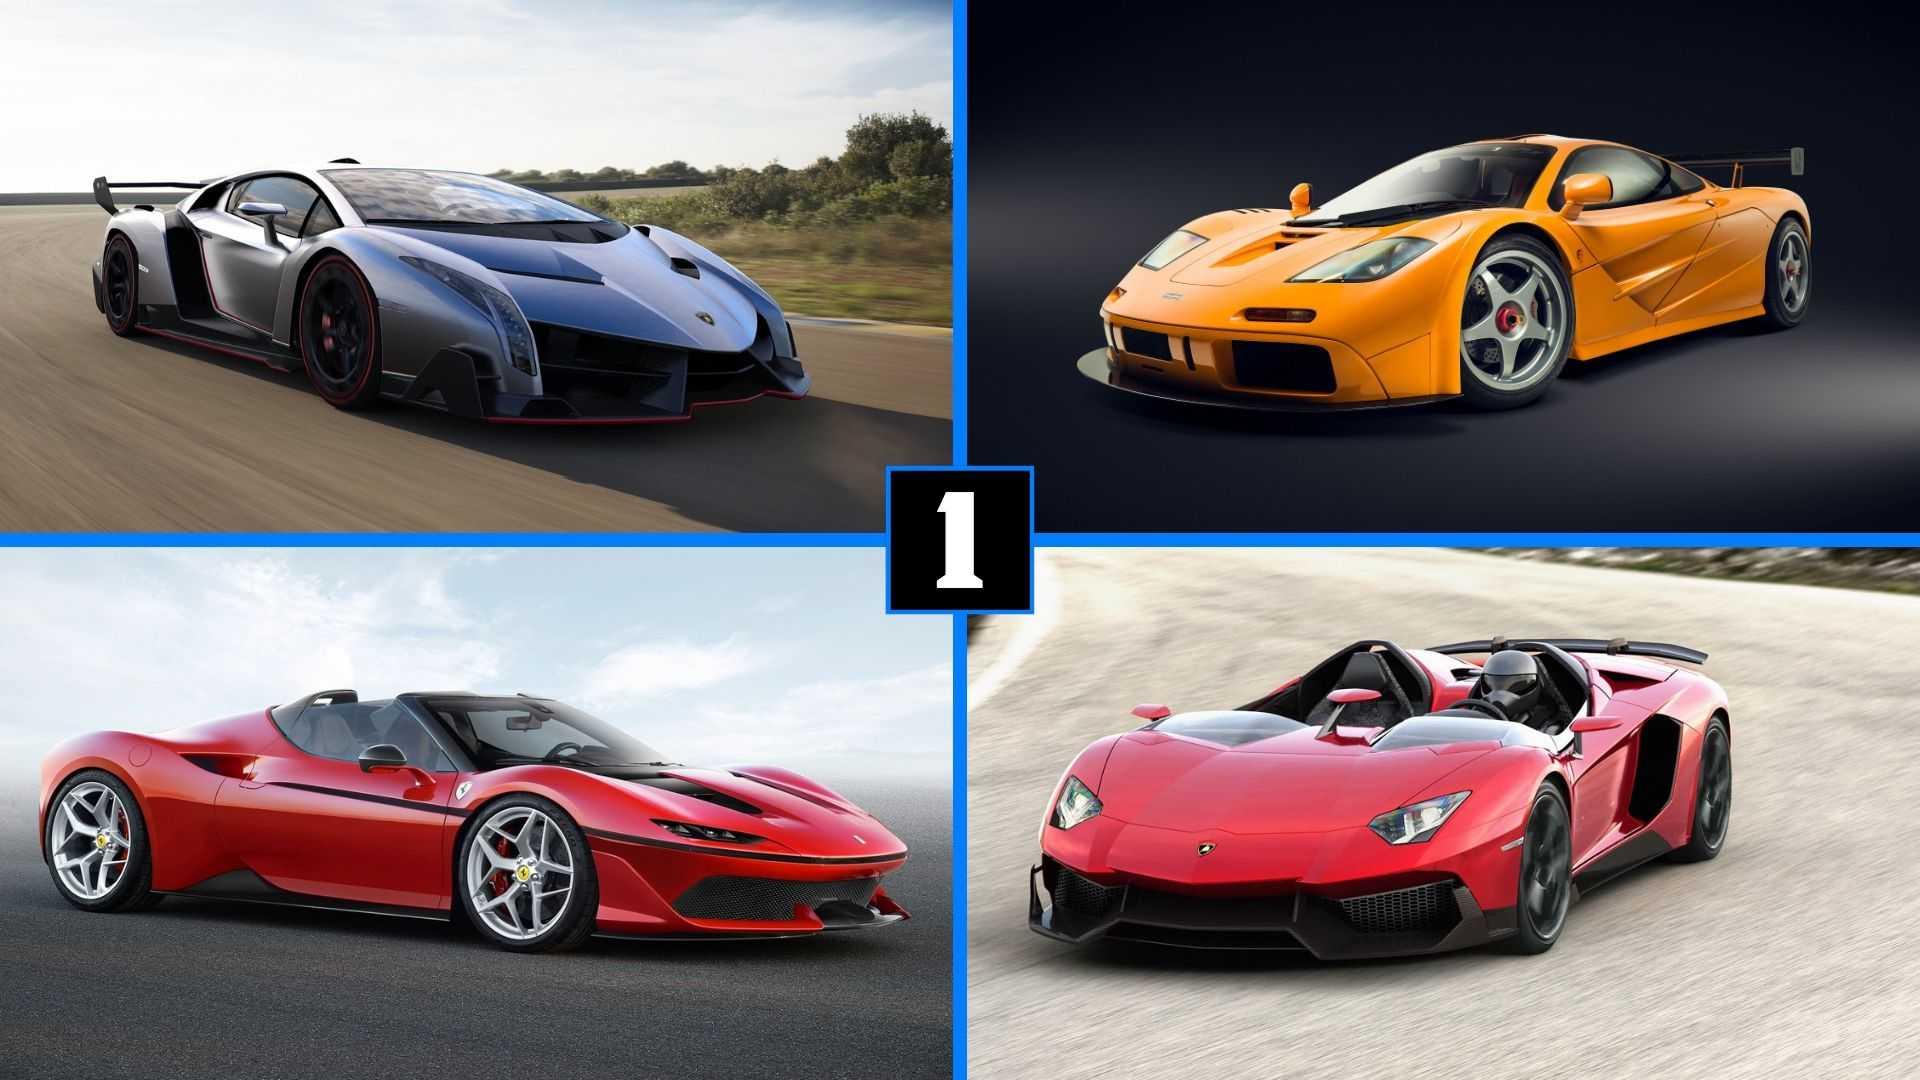 DIAPORAMA - Ces 10 voitures ont été produites à moins de 10 exemplaires